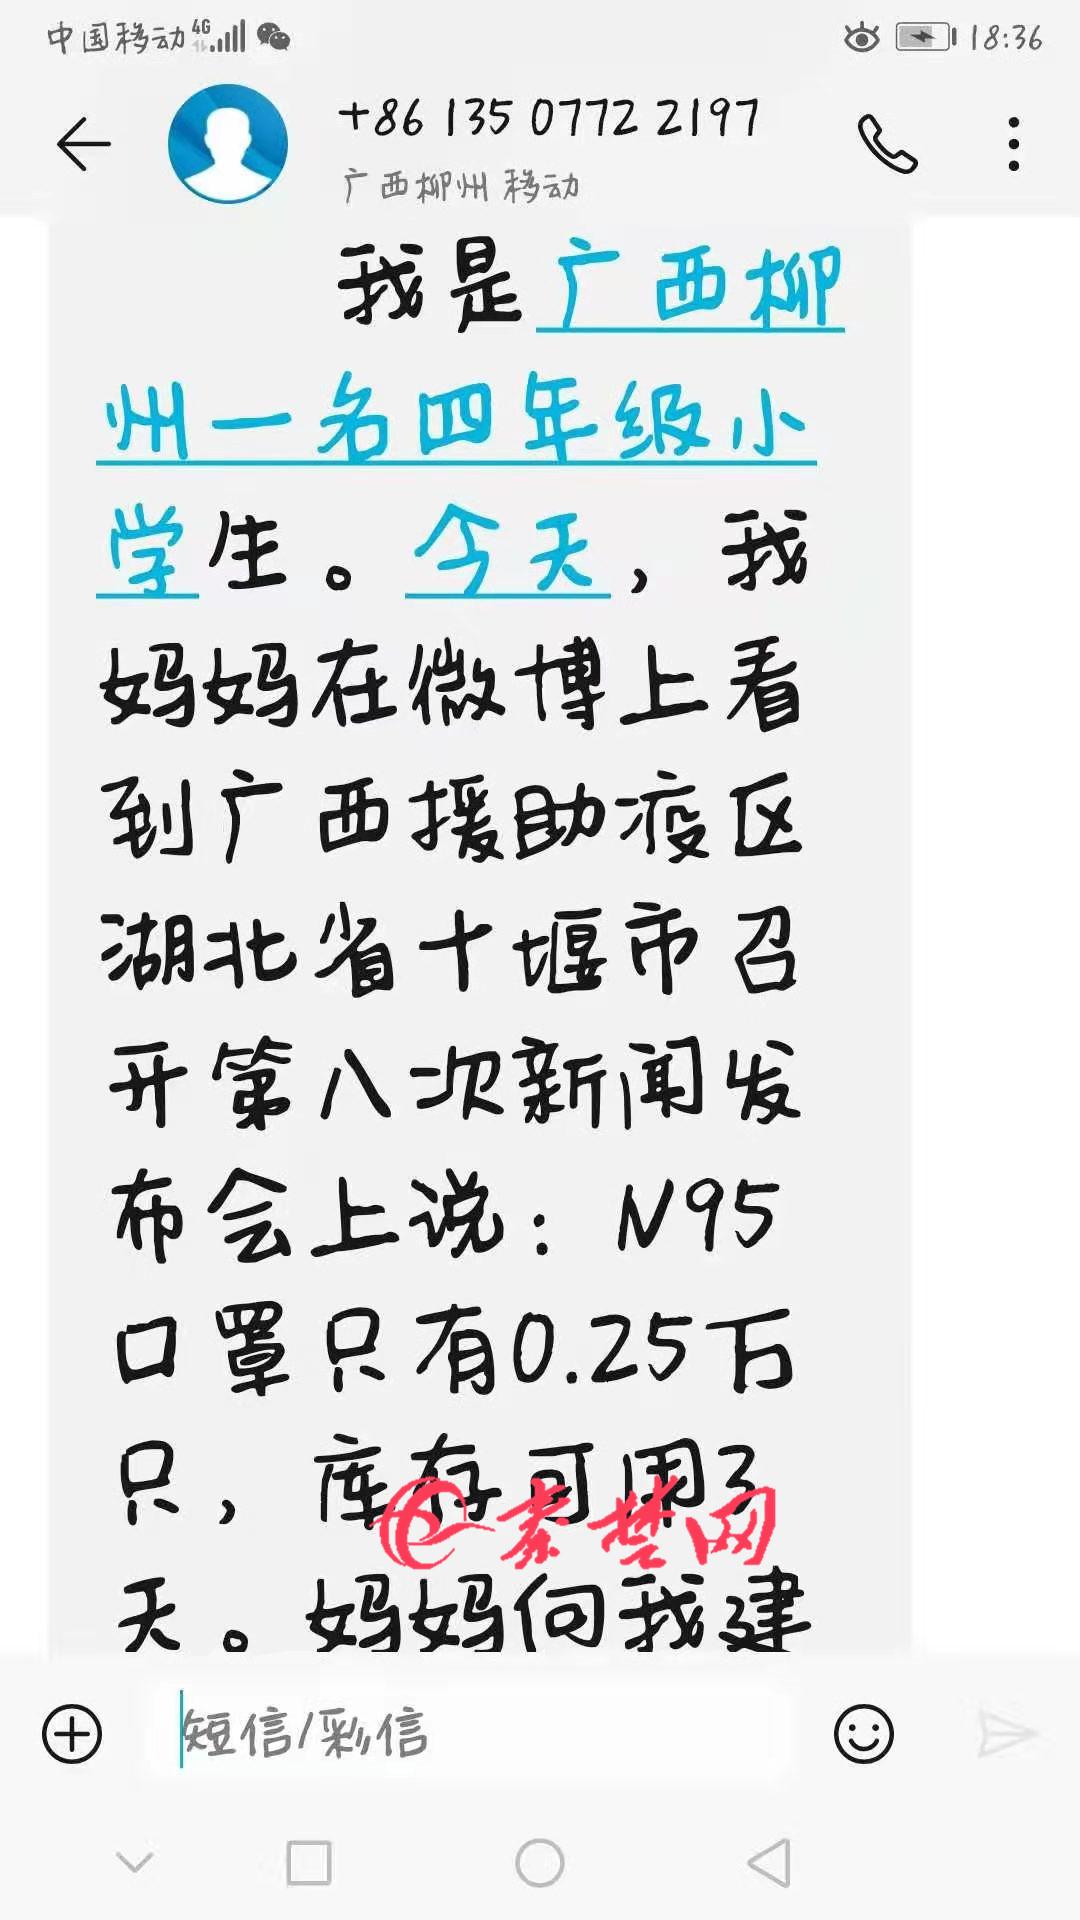 一名澳门星际网址官网注册平台小学生写给十堰的一封信 看完泪目了...